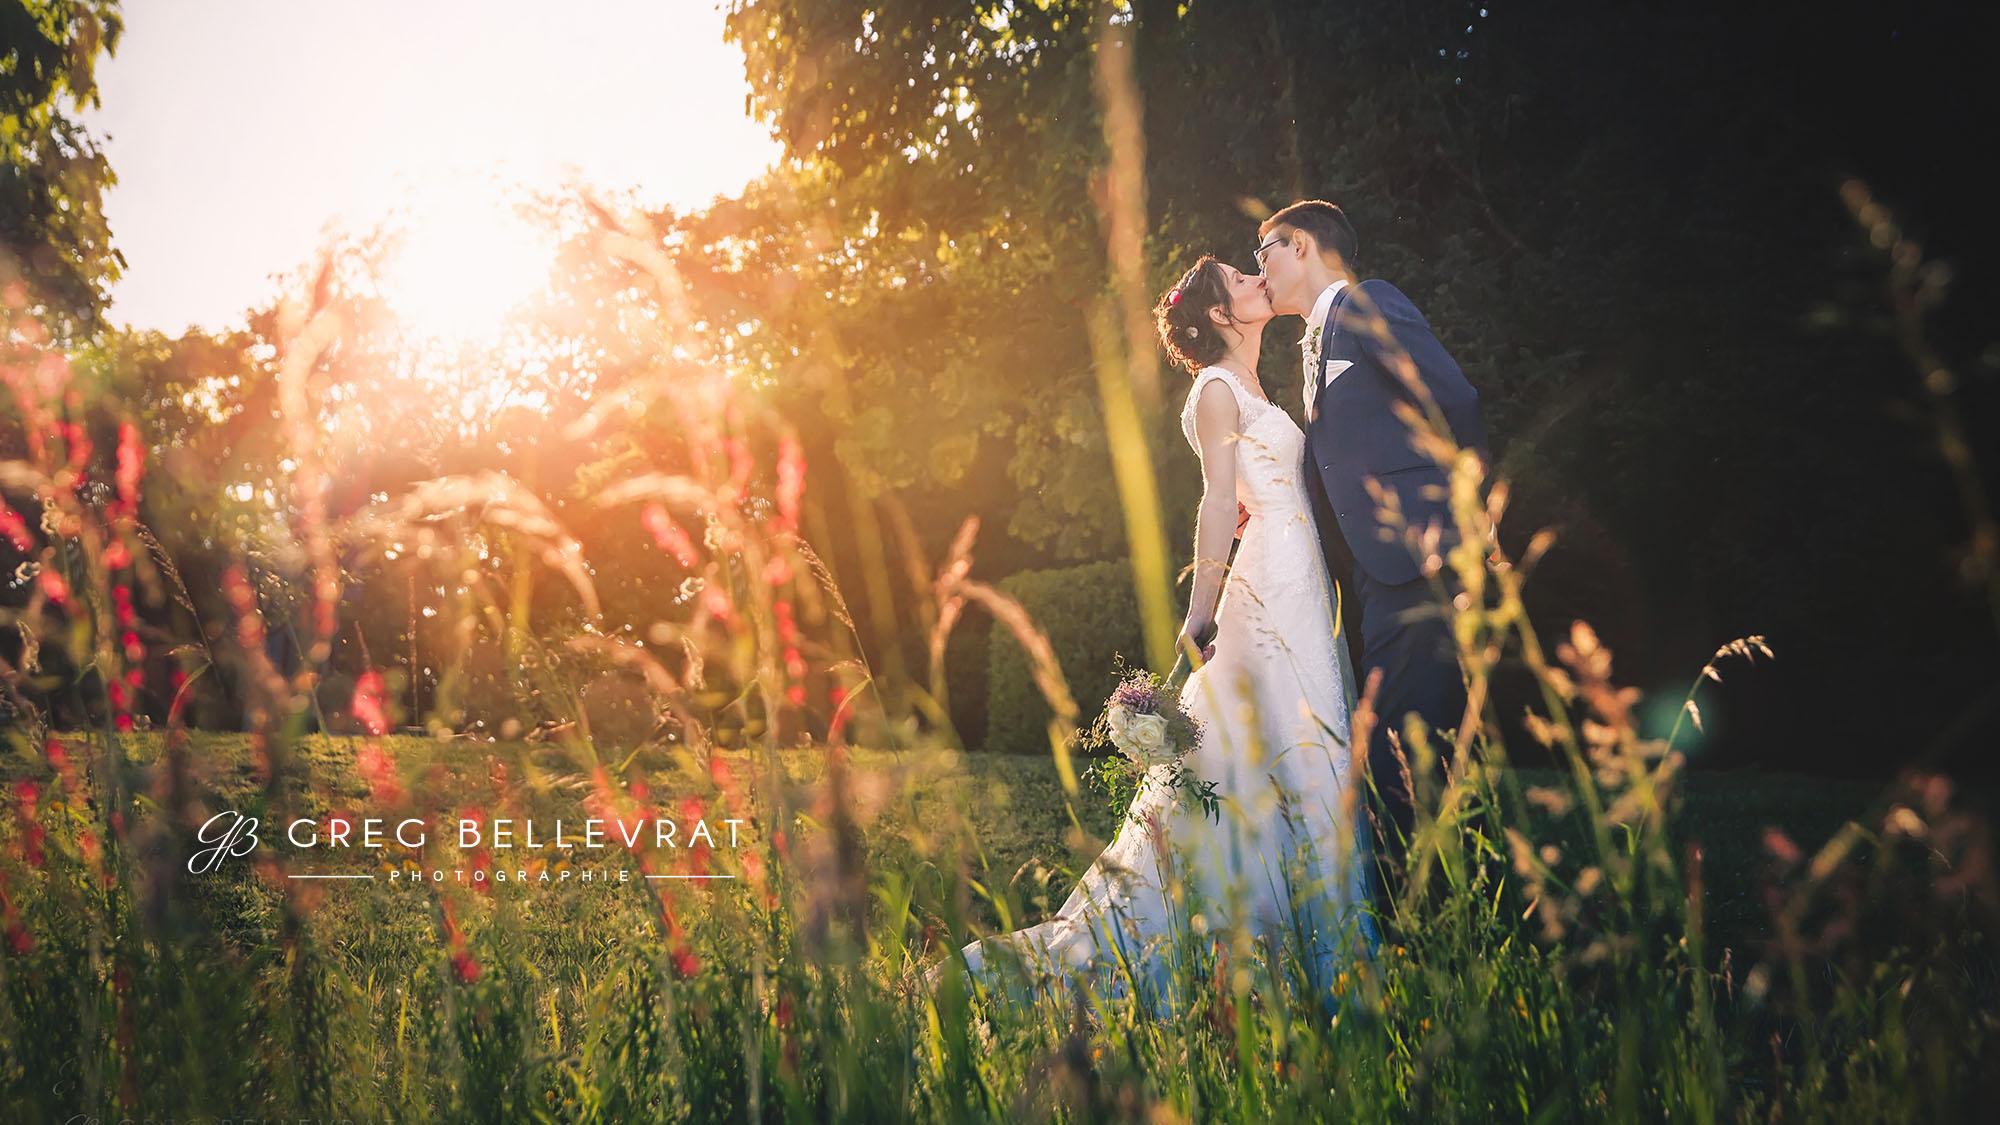 Photographe mariage Mâcon Bourg en bresse 1